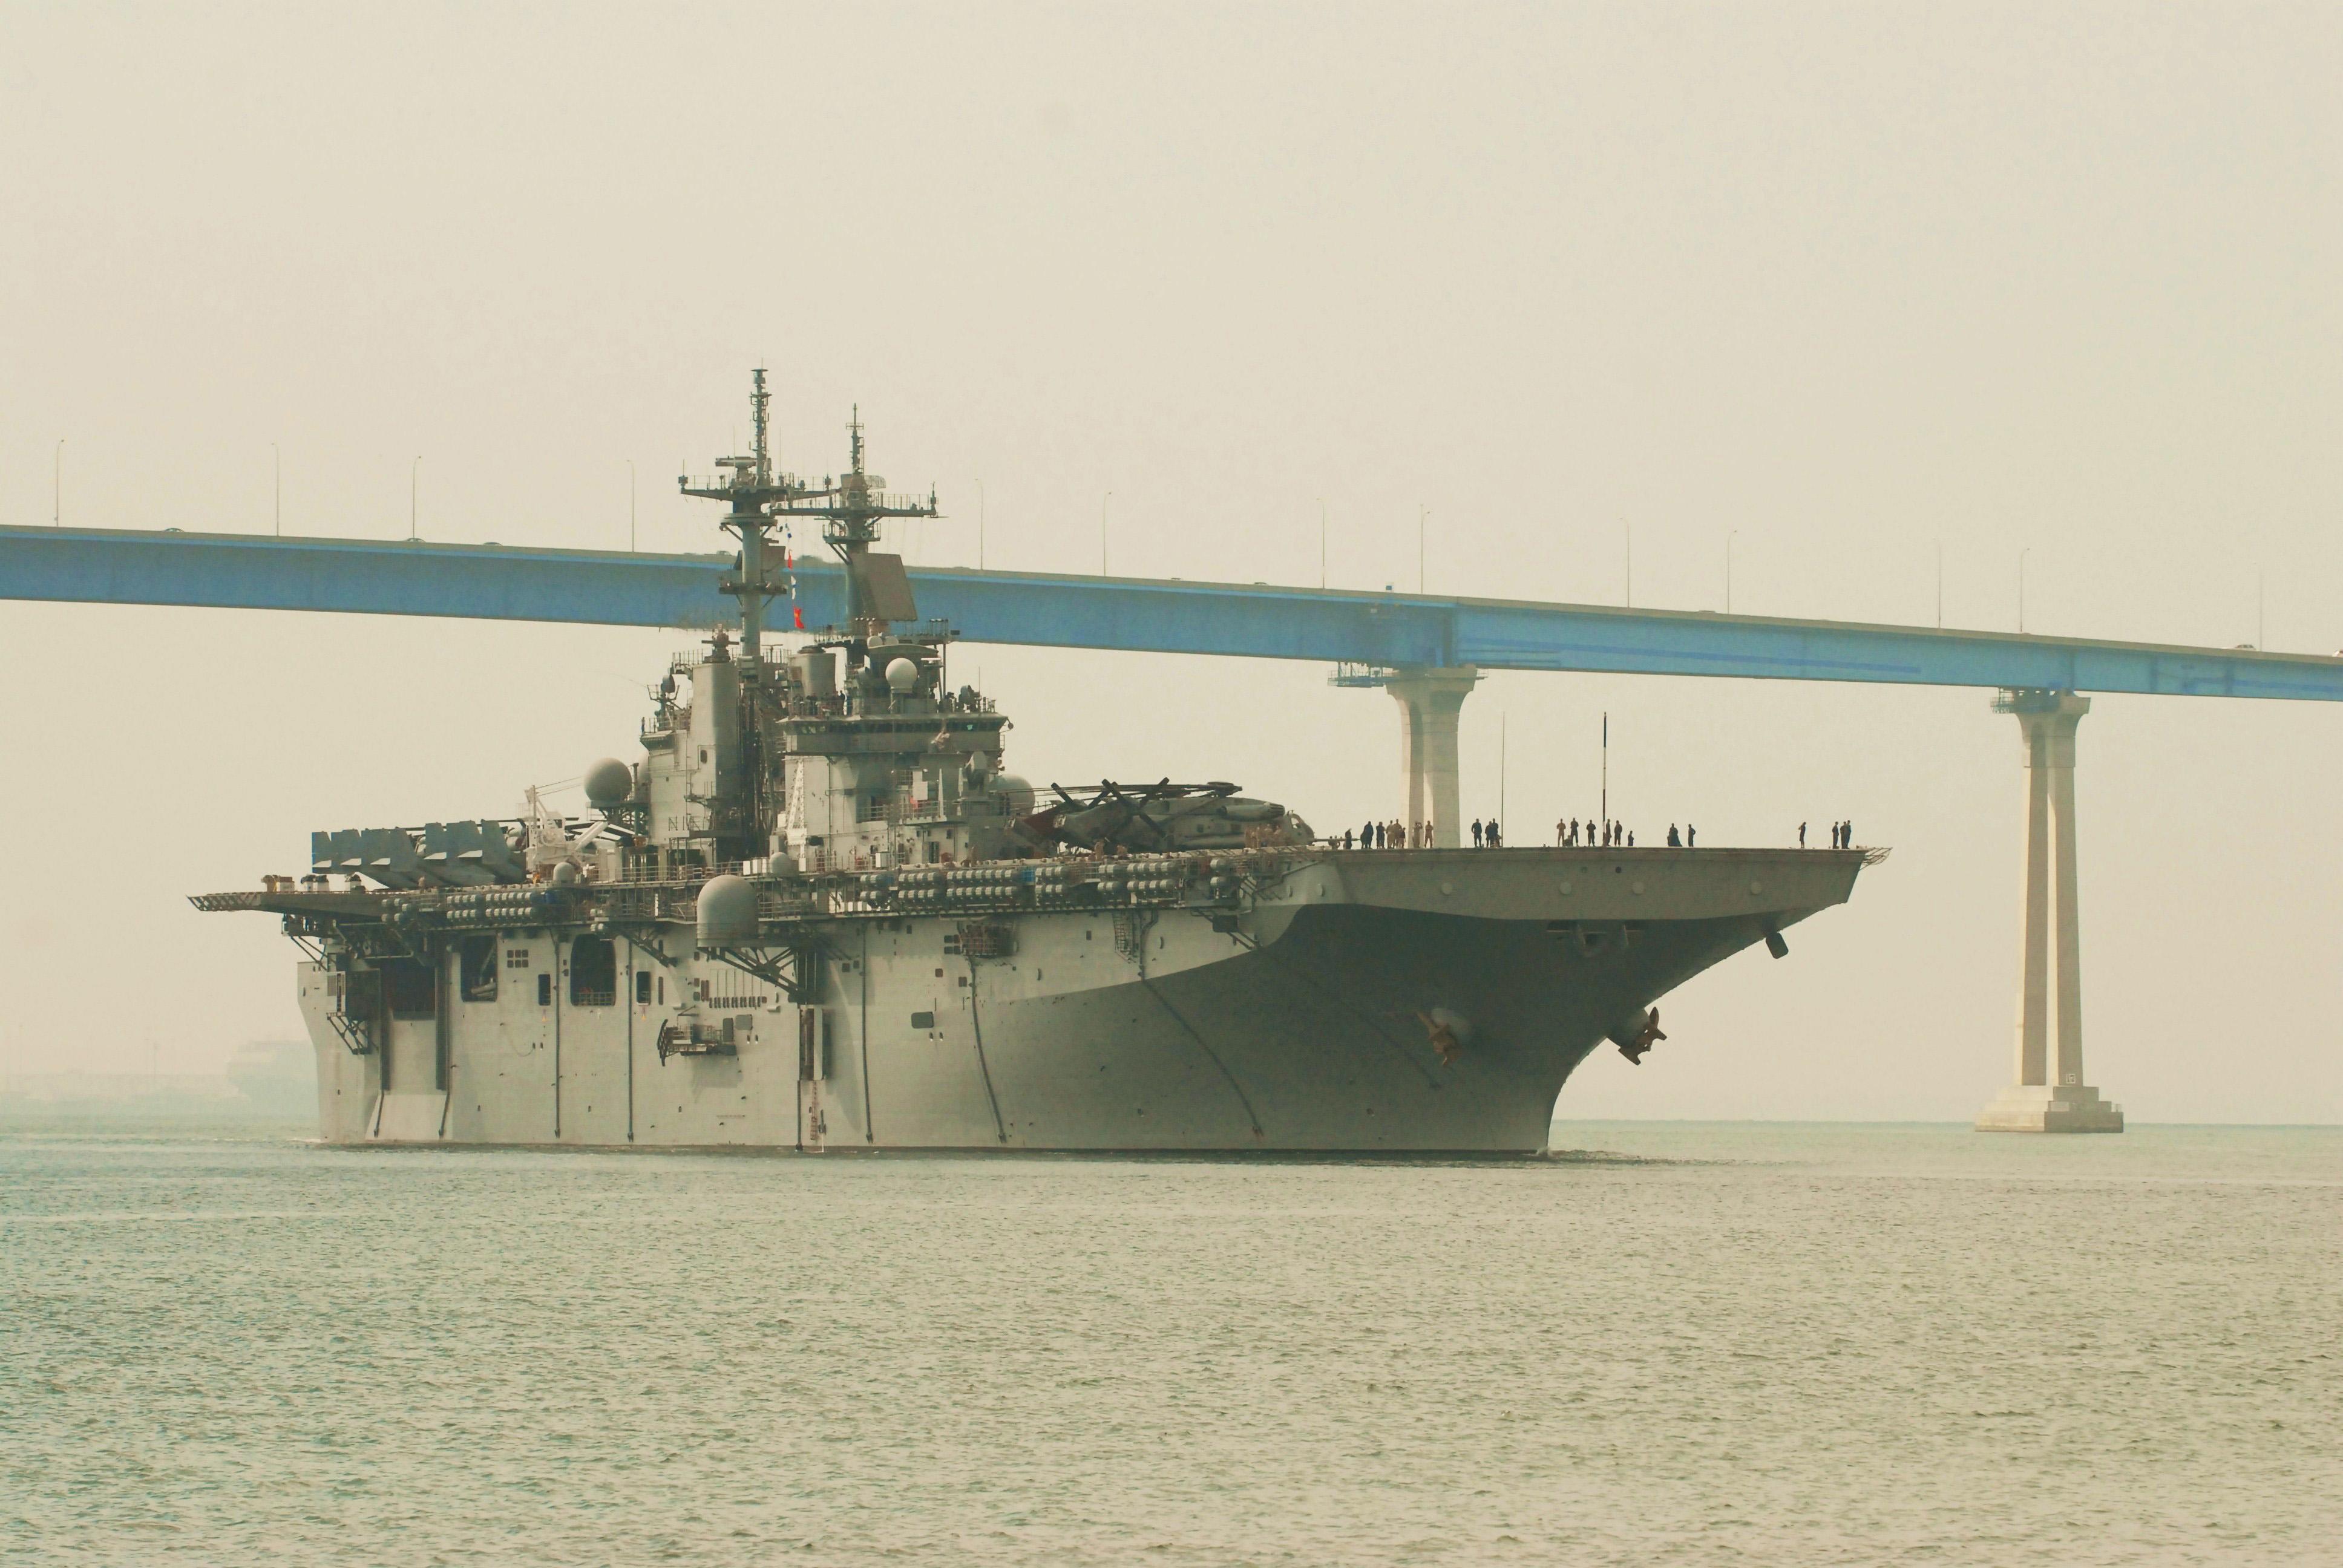 USS BOXER LHD-4 Auslaufen San Diego am 08.07.2013Bild: U.S. Navy